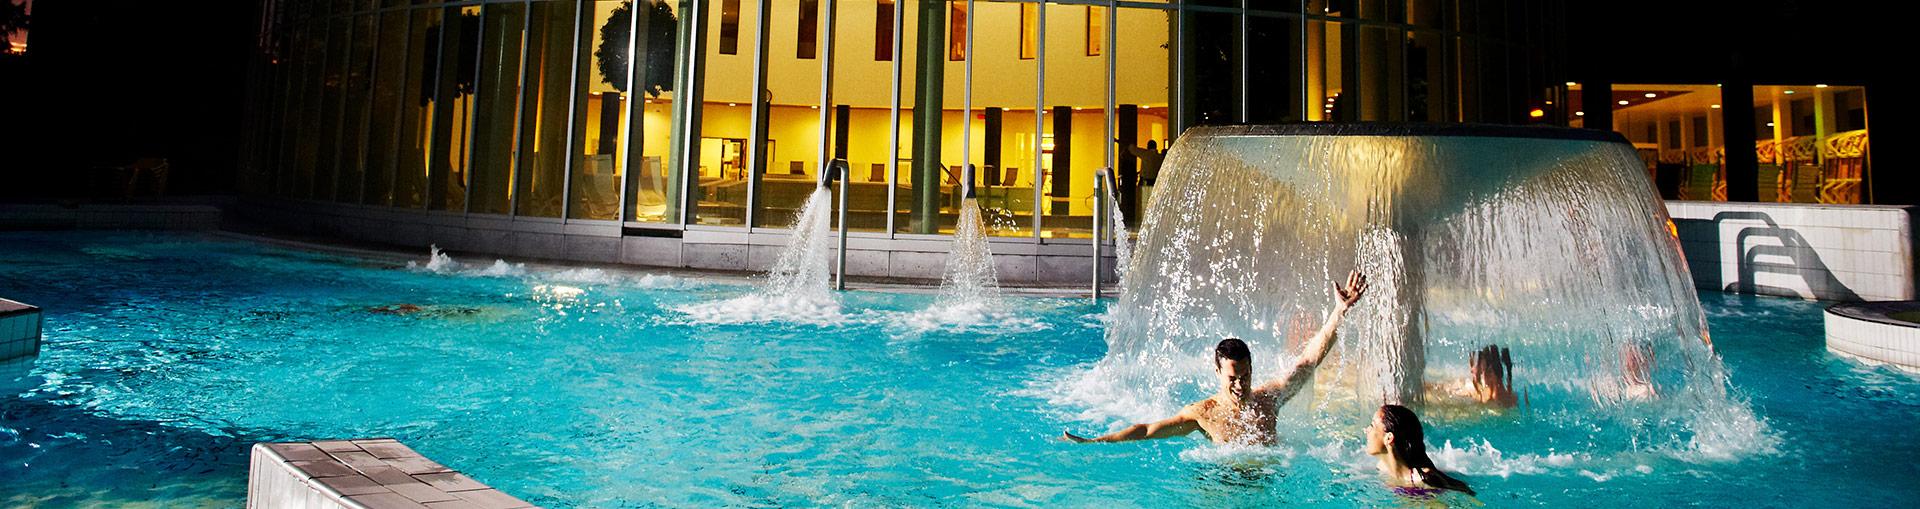 Infos pratiques les thermes de spa for Thermes de spa